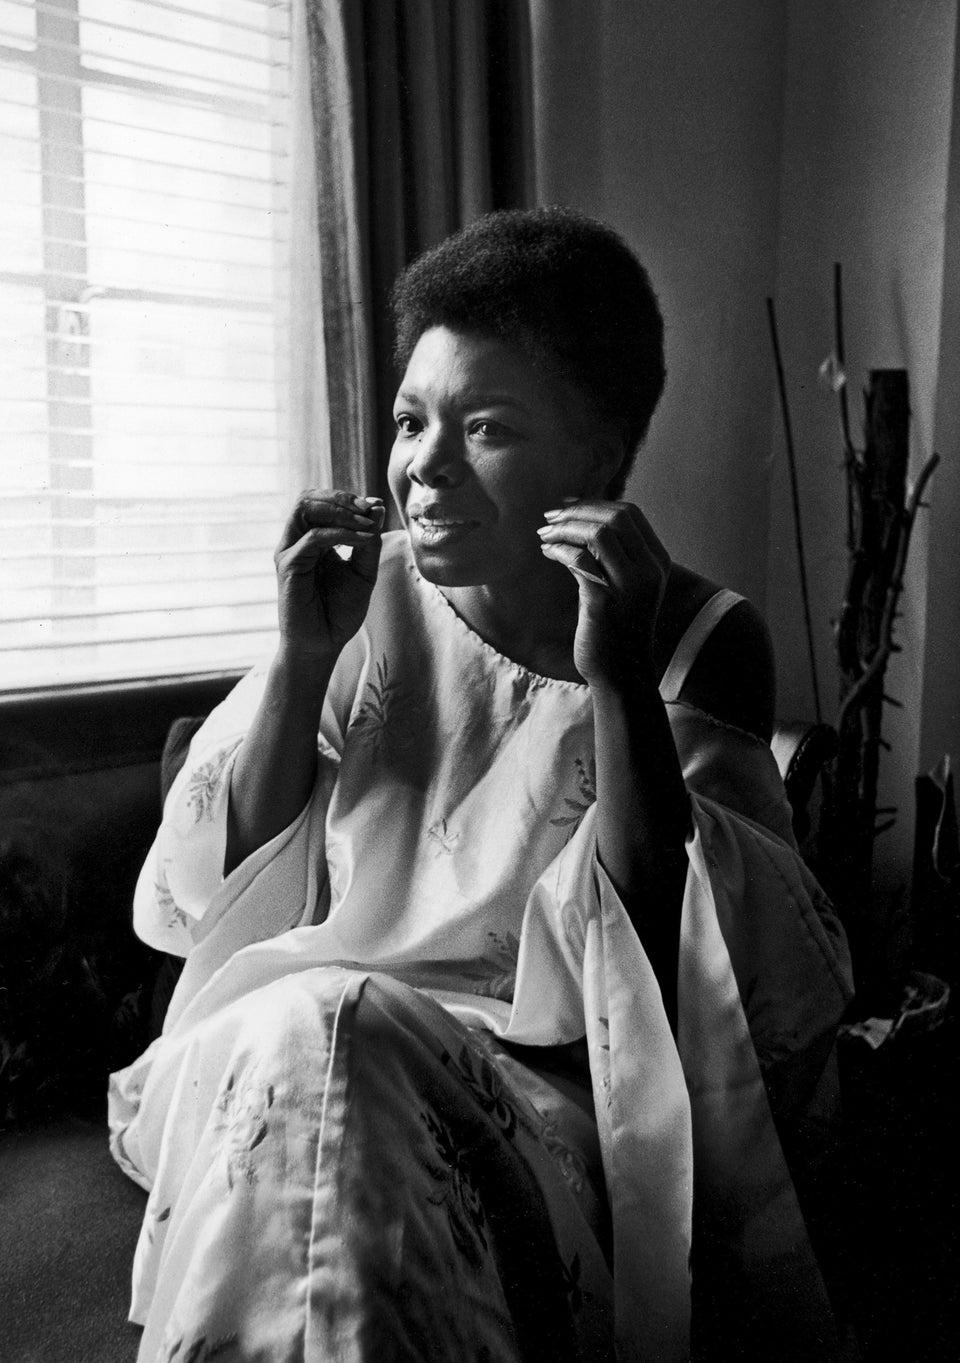 Beloved Author and Poet Dr. Maya Angelou Dies at 86